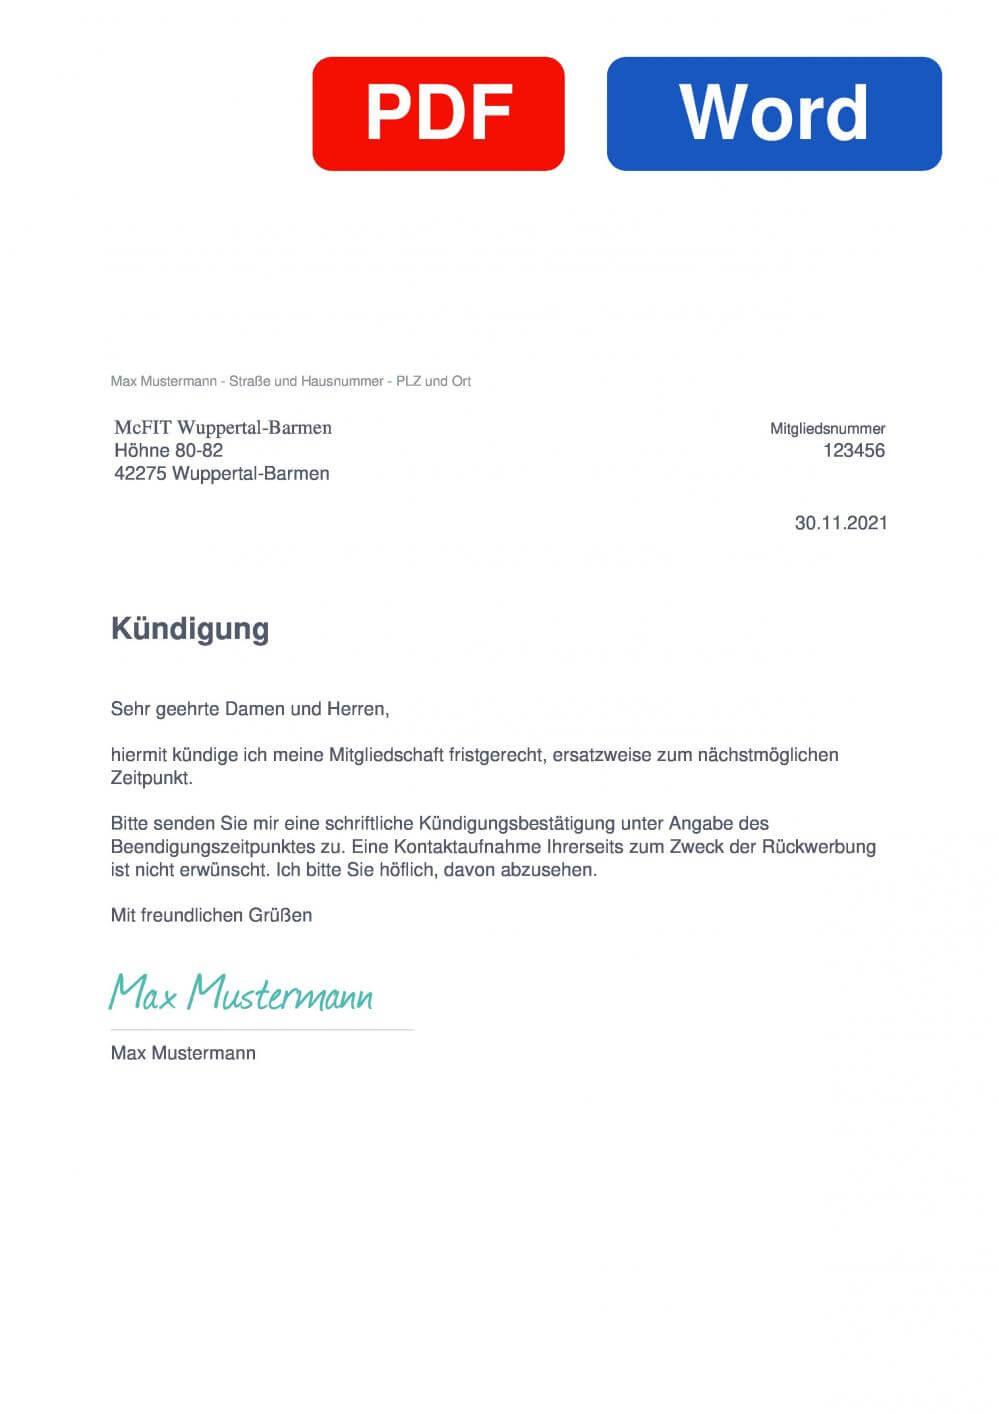 McFIT Wuppertal-Barmen Muster Vorlage für Kündigungsschreiben